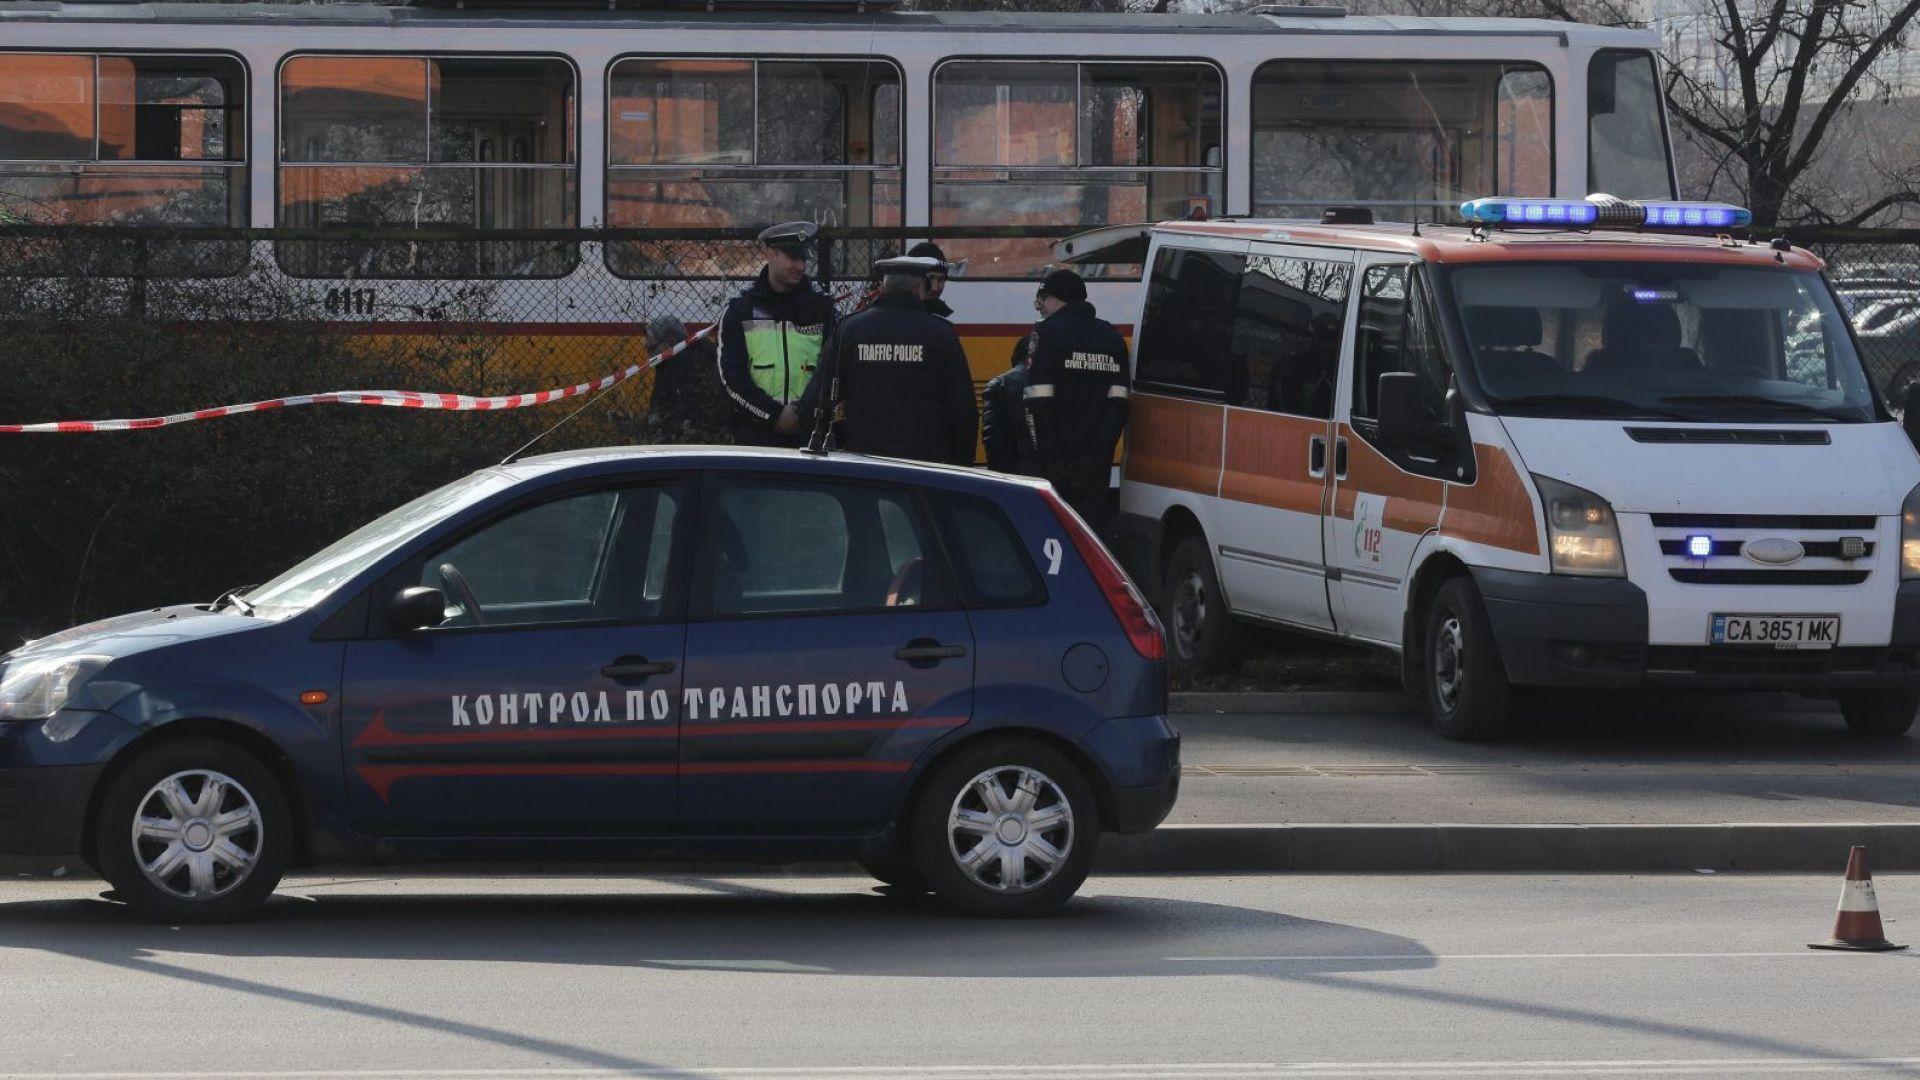 30-годишен мъж, а не момче, е загиналият при верижния трамваен сблъсък